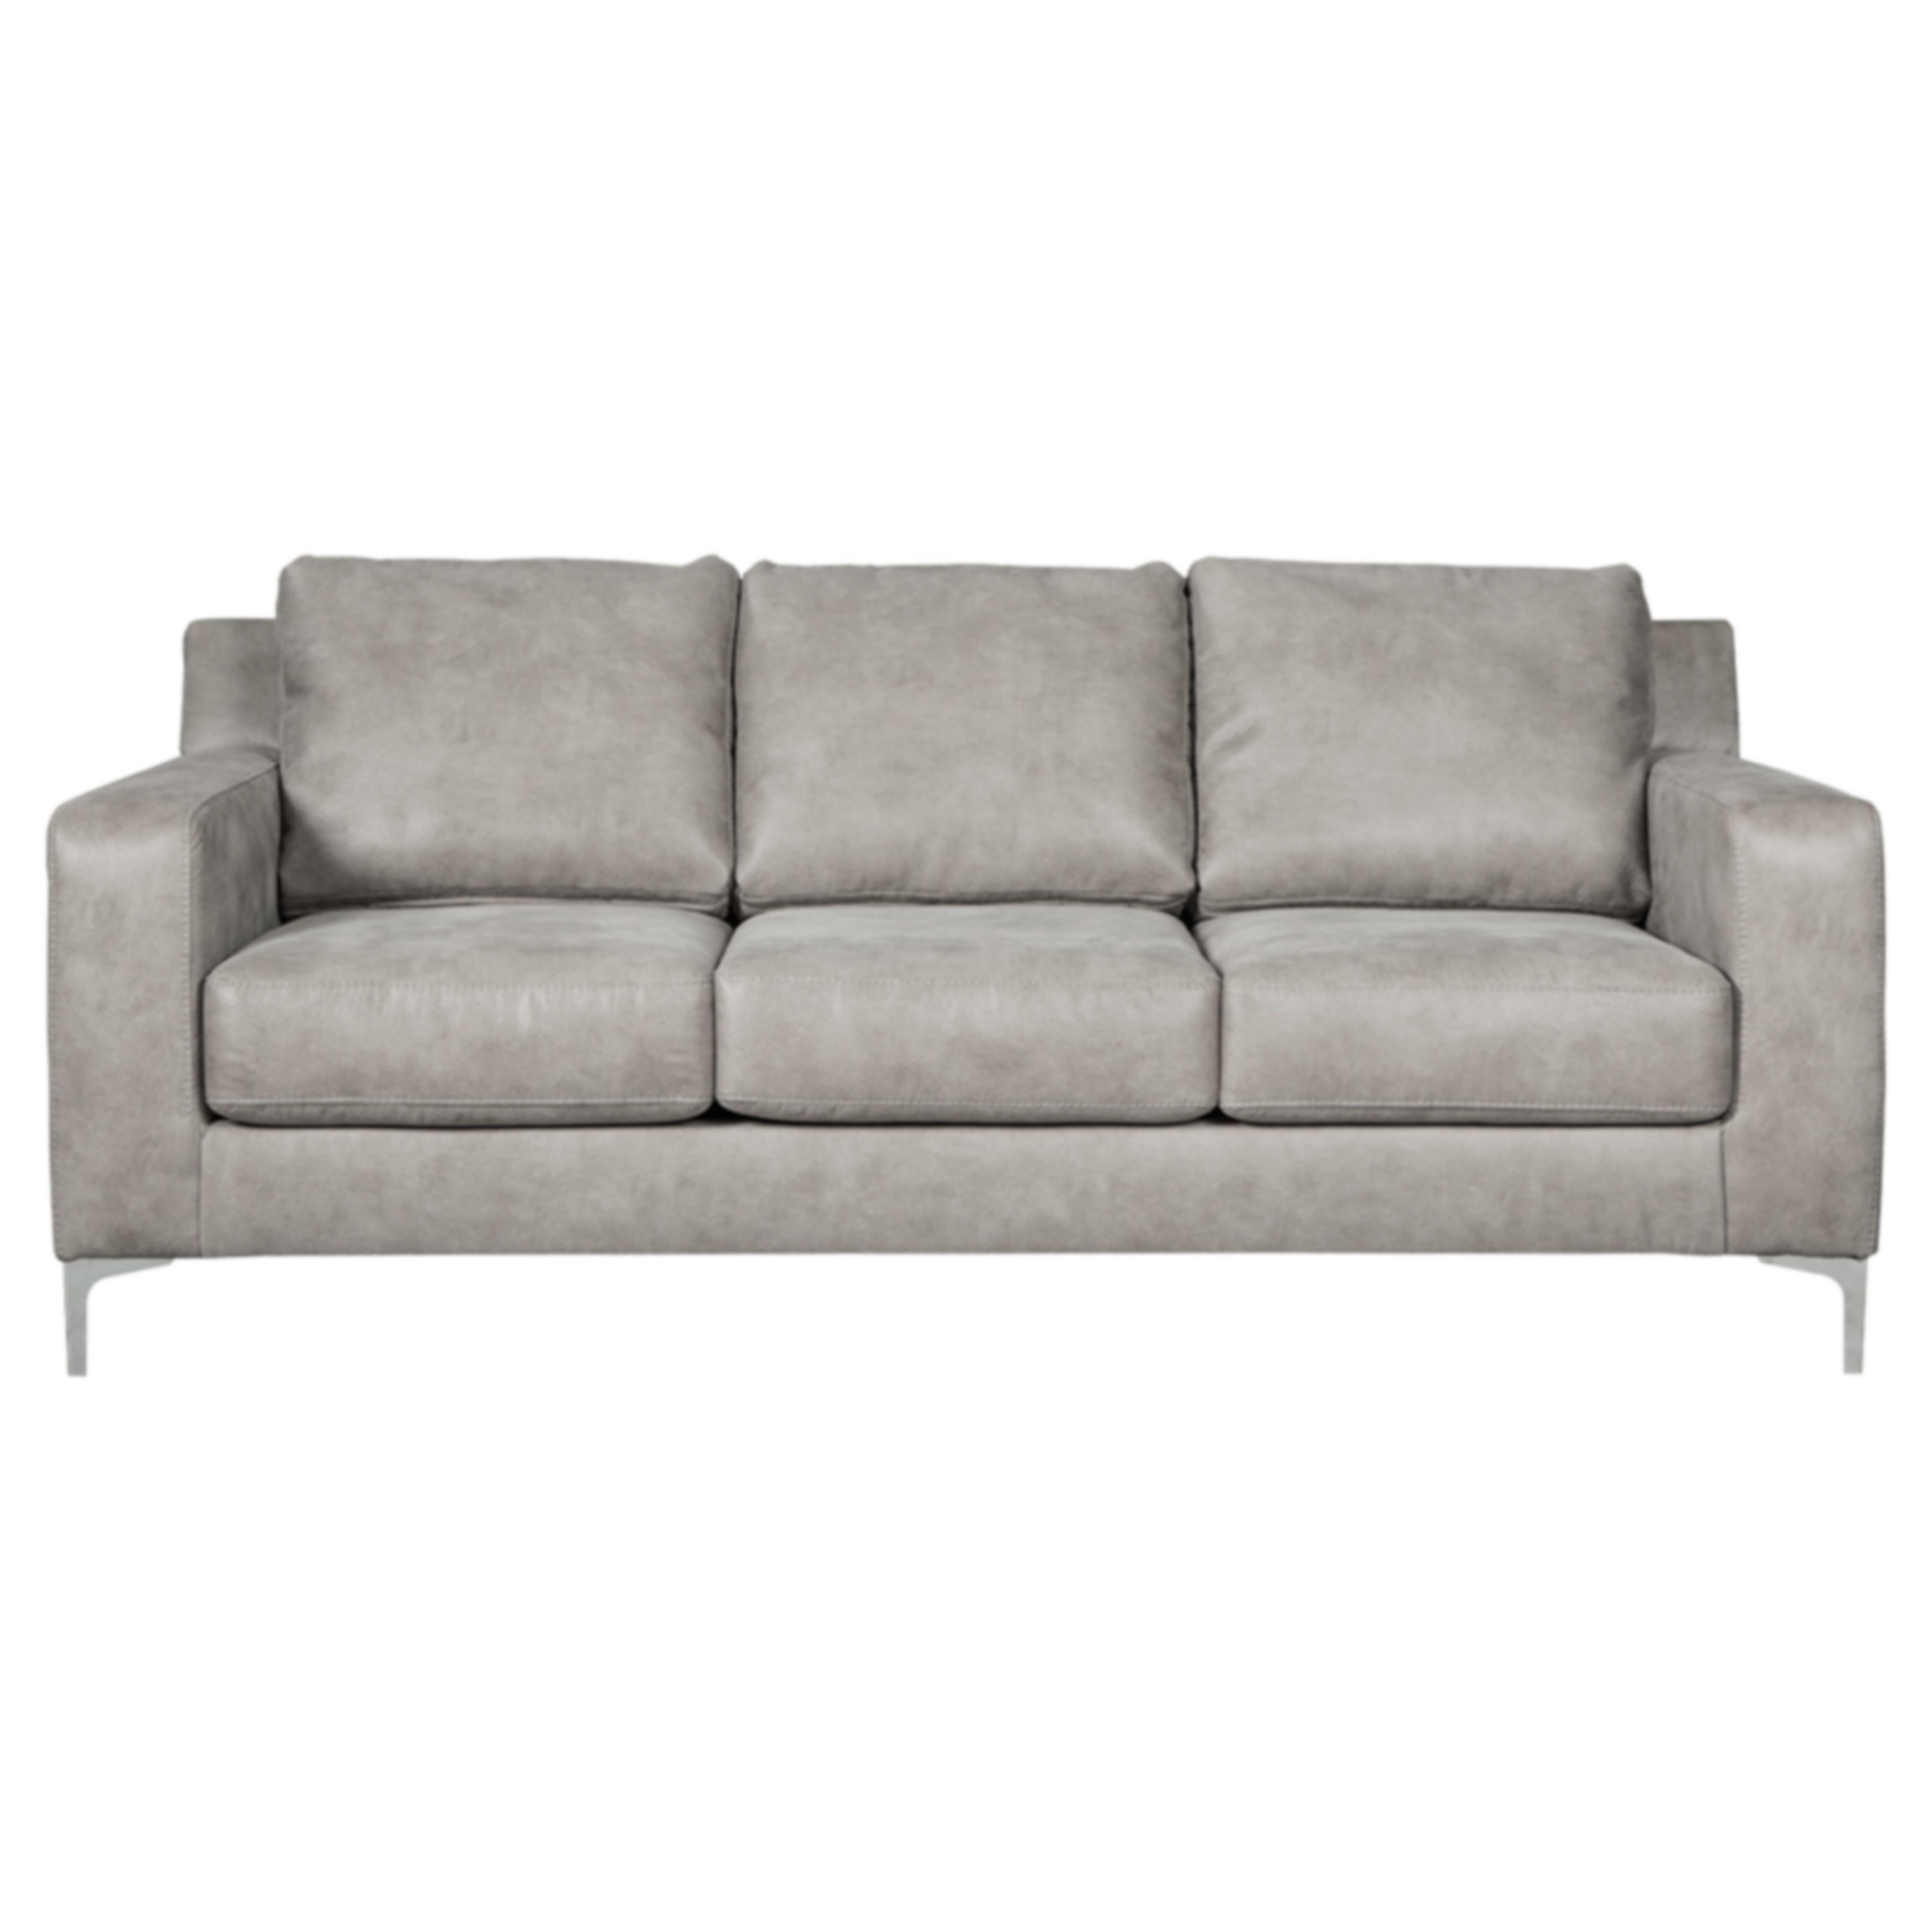 Strick & Bolton Cohen Contemporary Grey Sofa